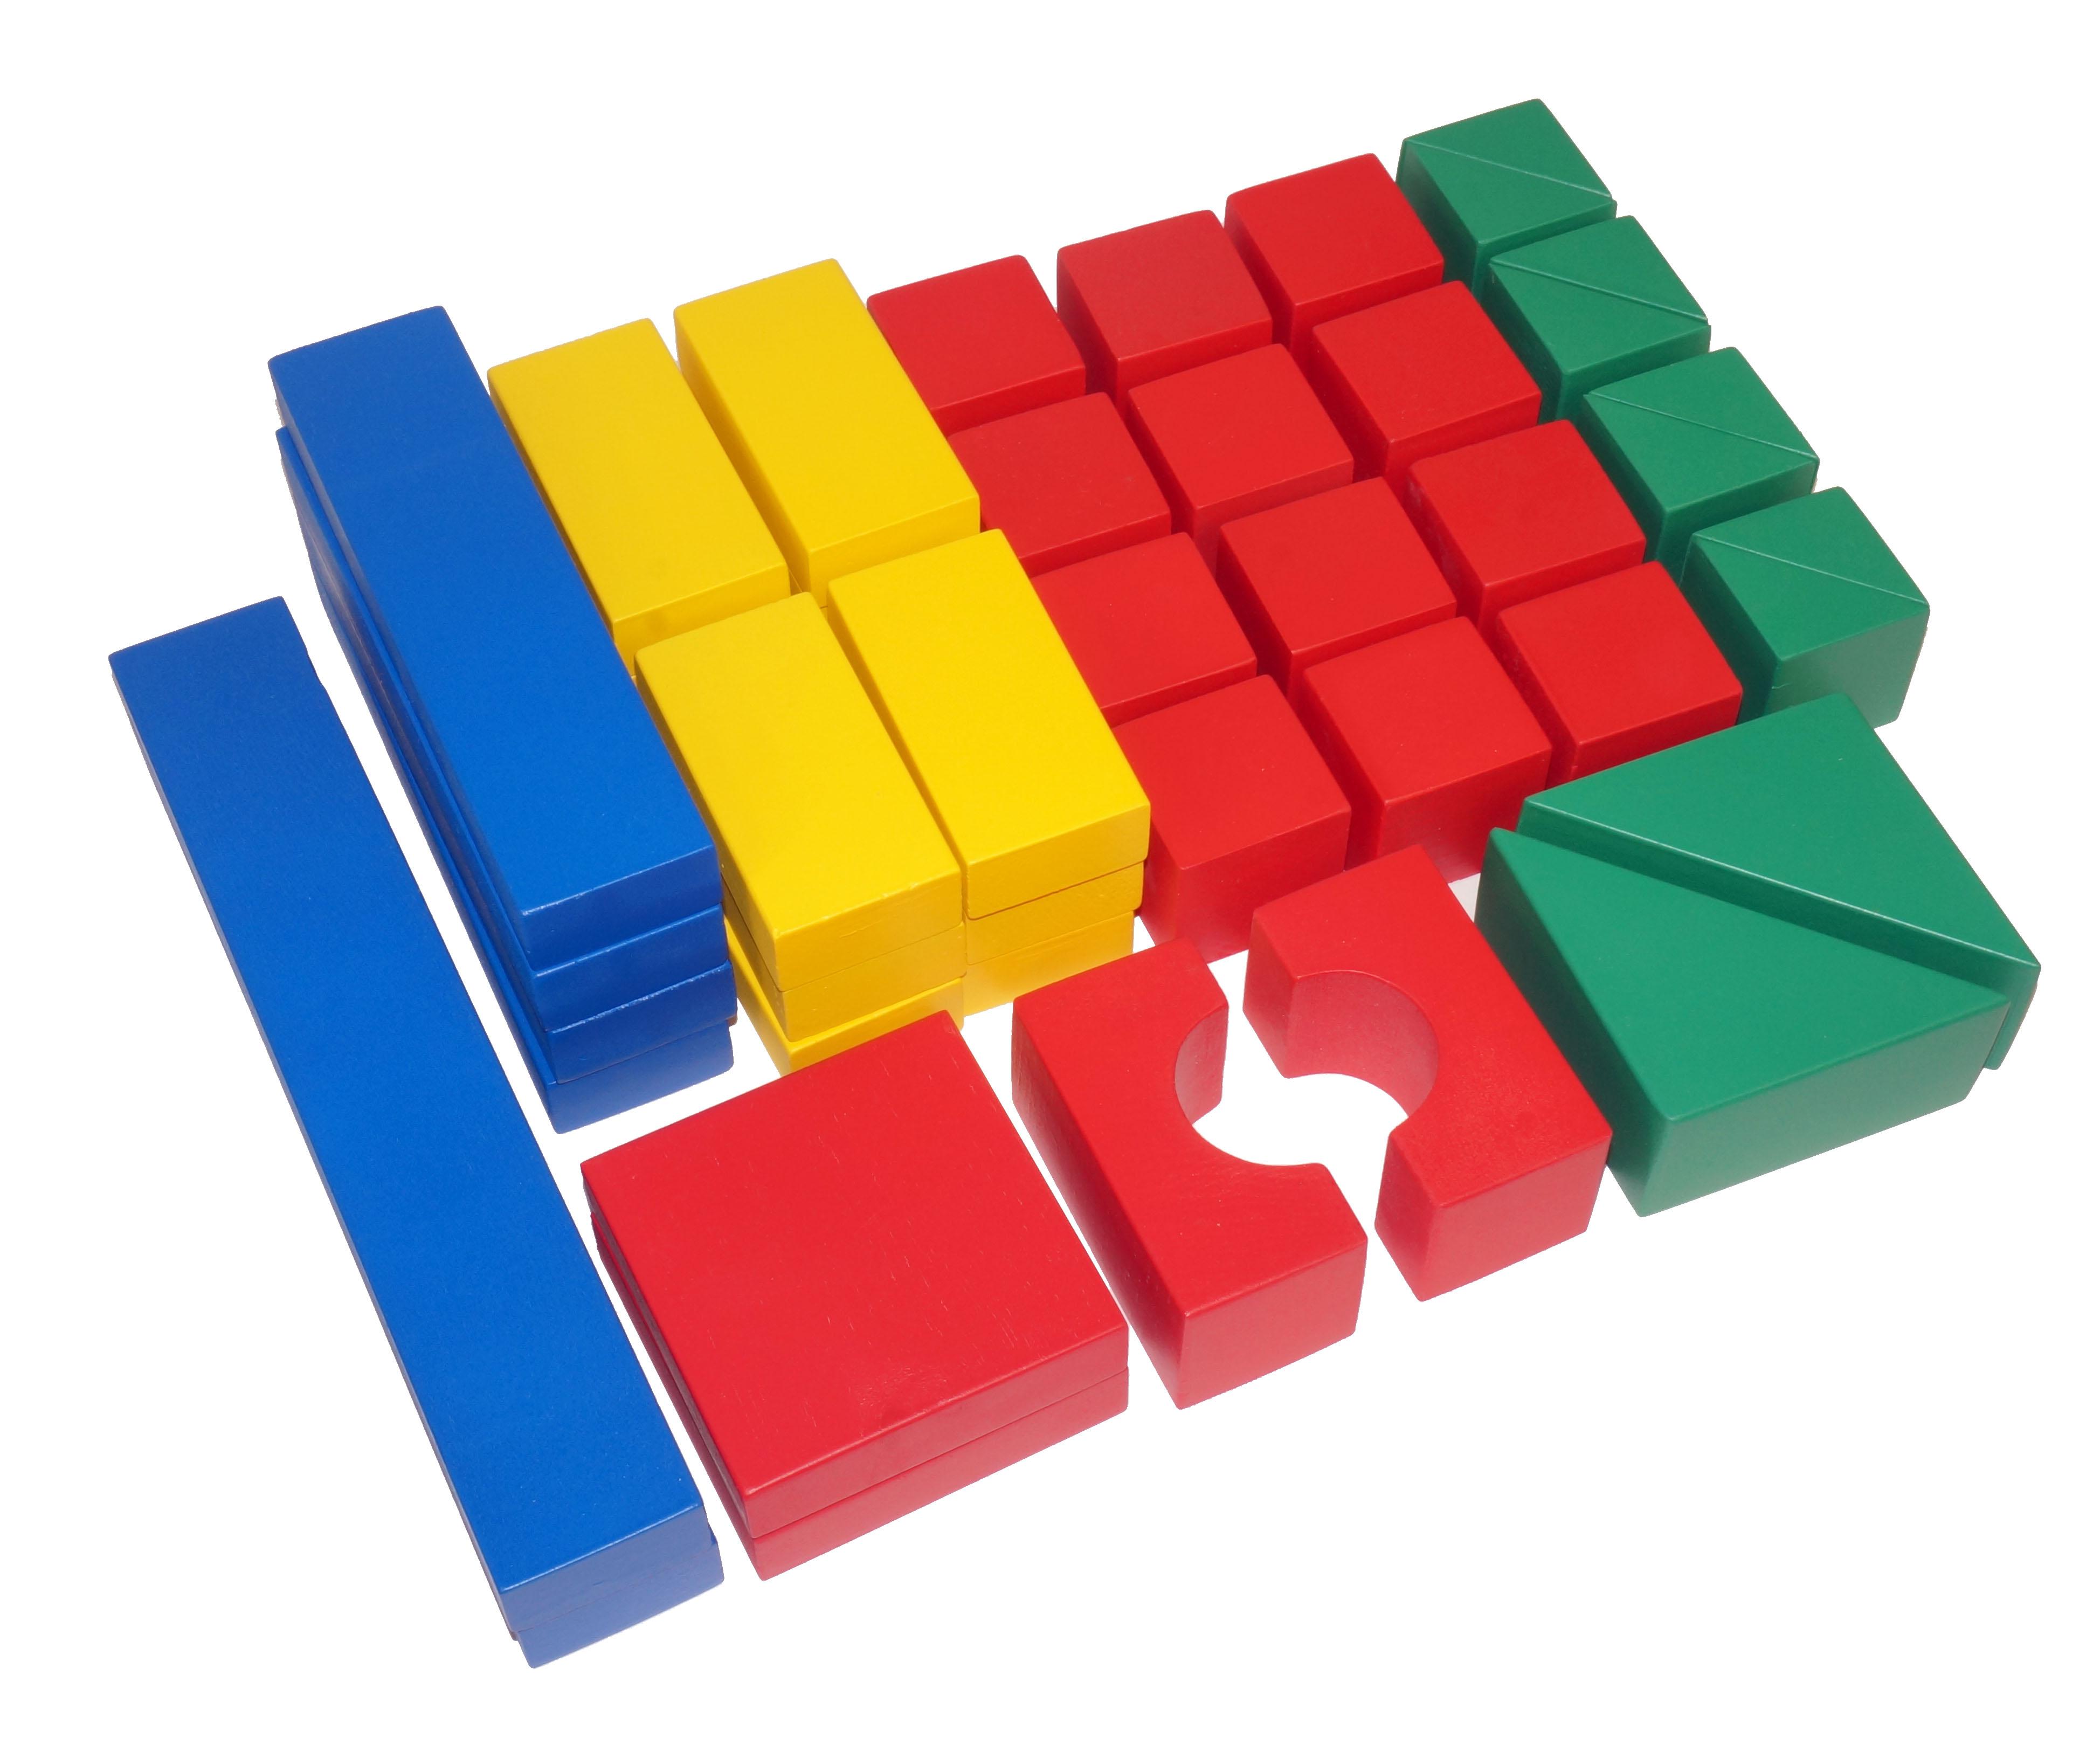 Деревянный Конструктор Строитель, конструктор строитель, конструктор строитель ссср, напольный конструктор строитель, конструктор детский строитель, конструктор строитель купить, игрушки конструктор строитель